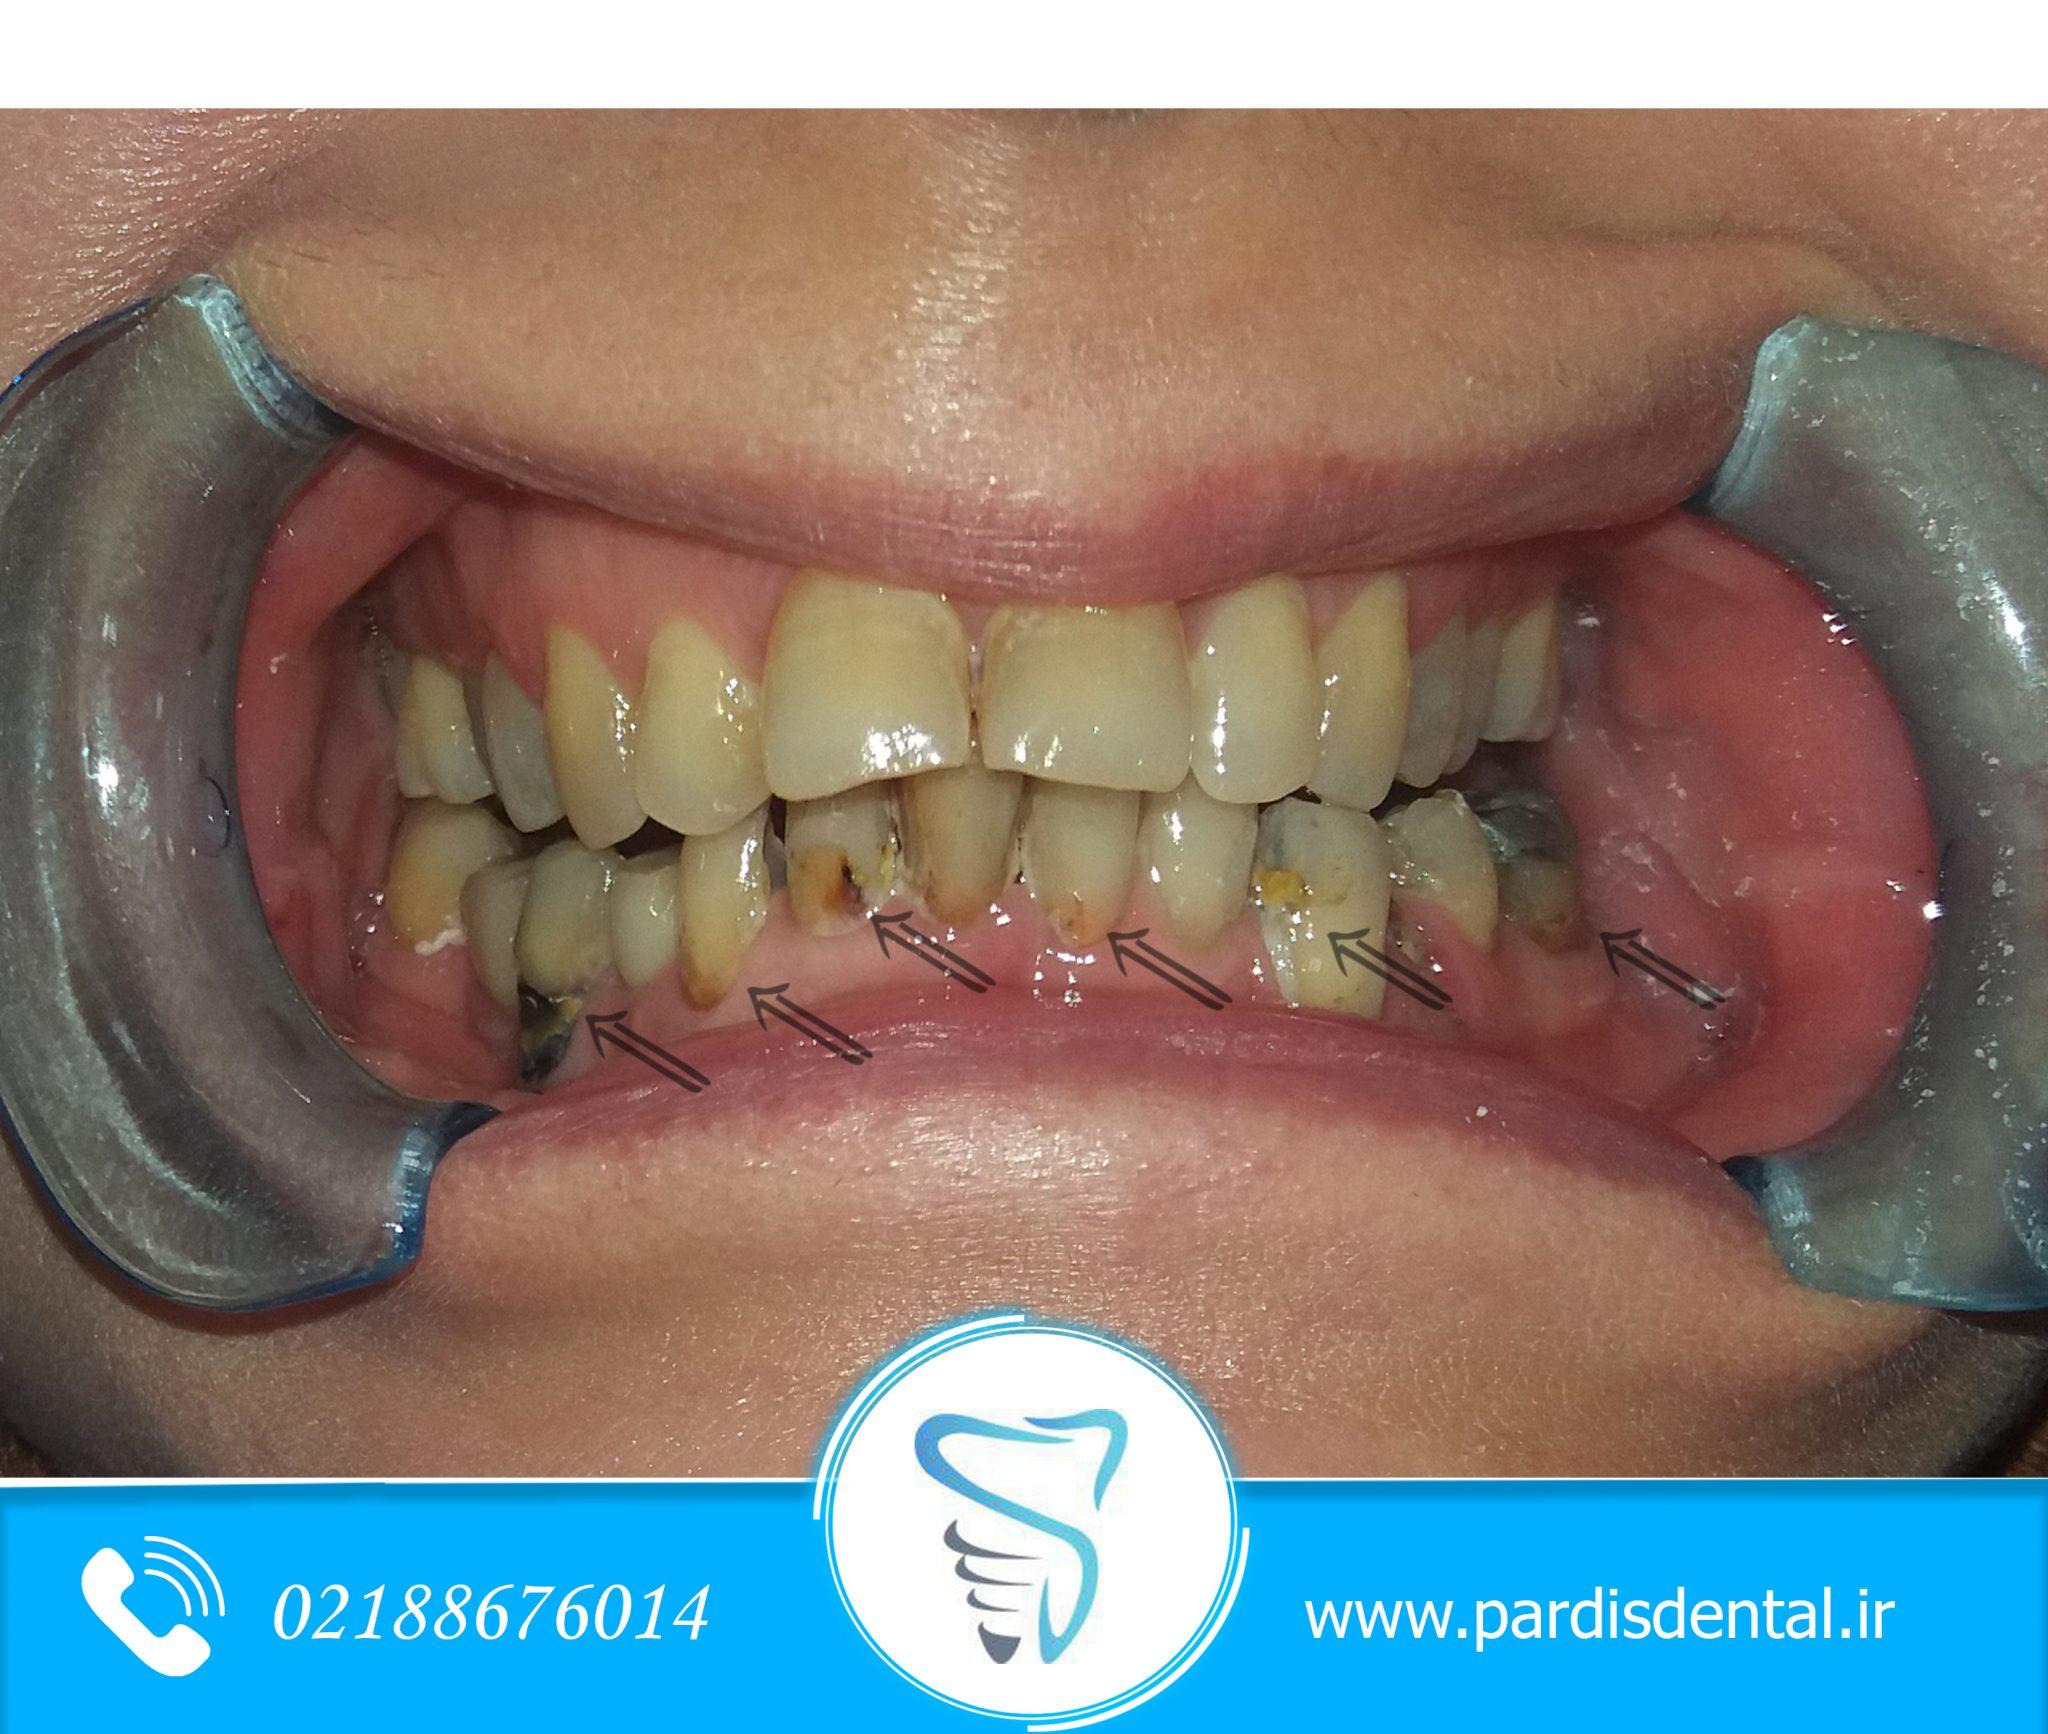 نقش بزاق در پوسیدگی دندان